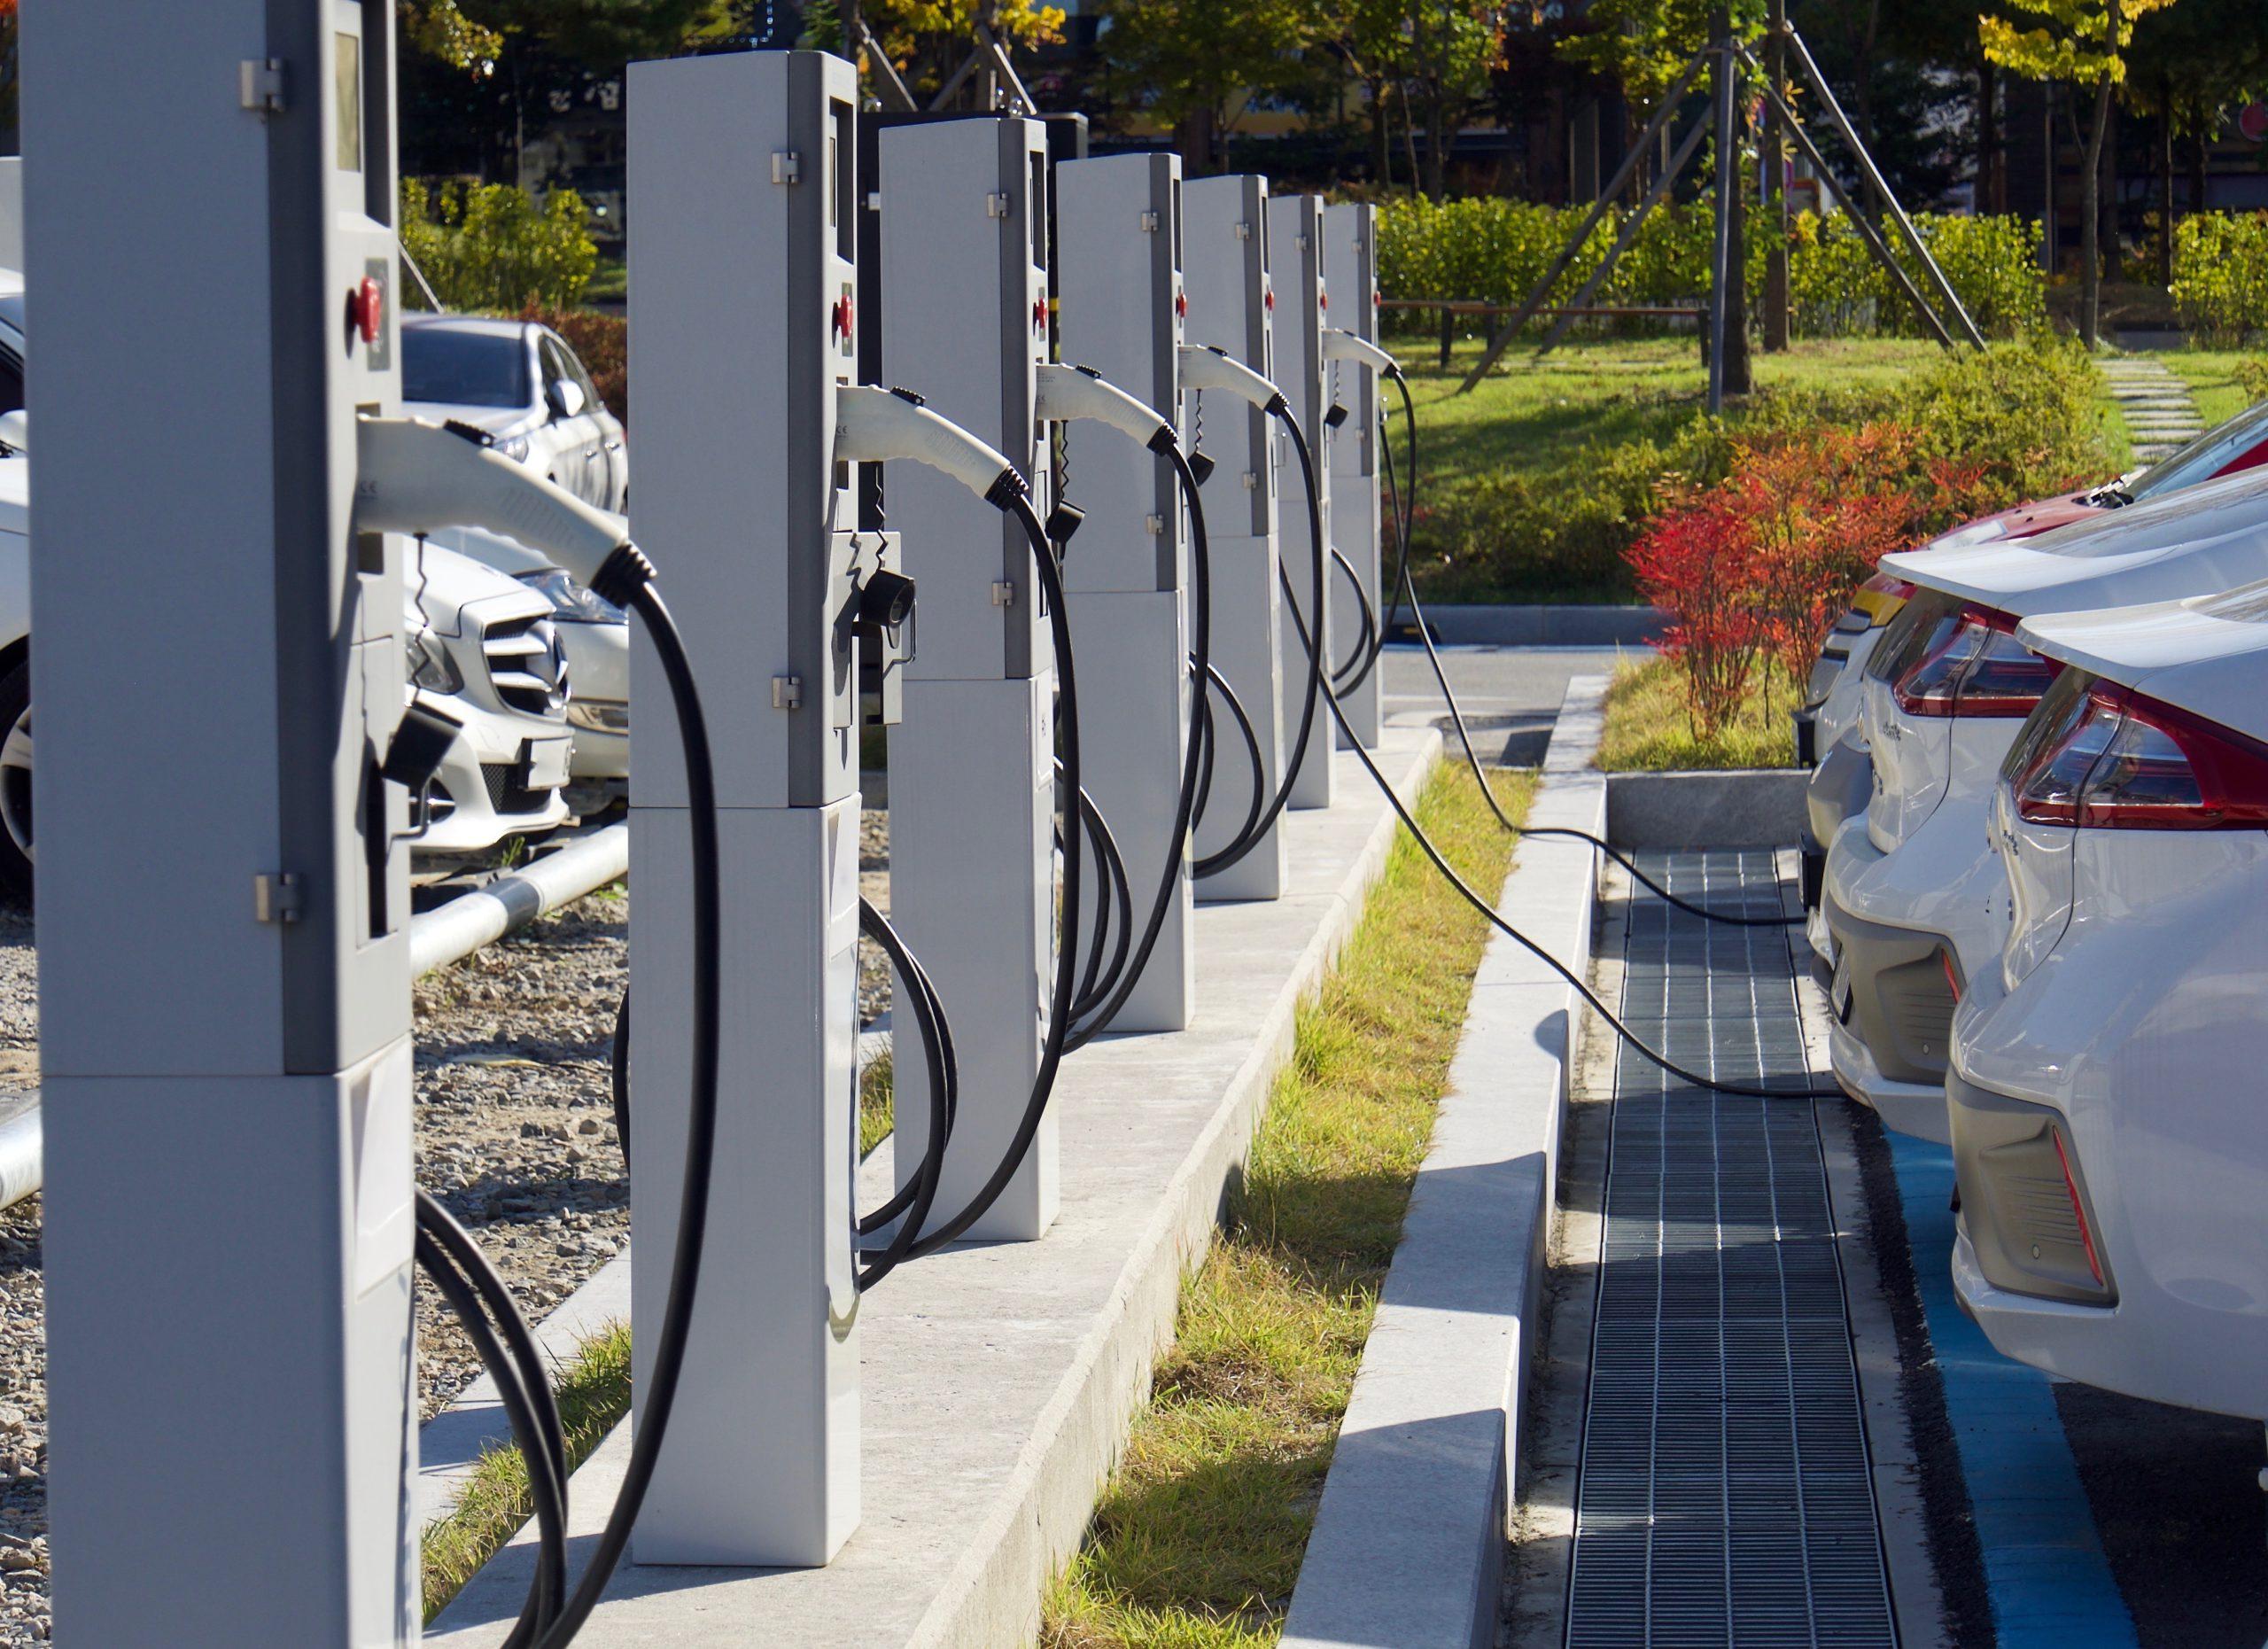 Emissions cuts: EV charging hub